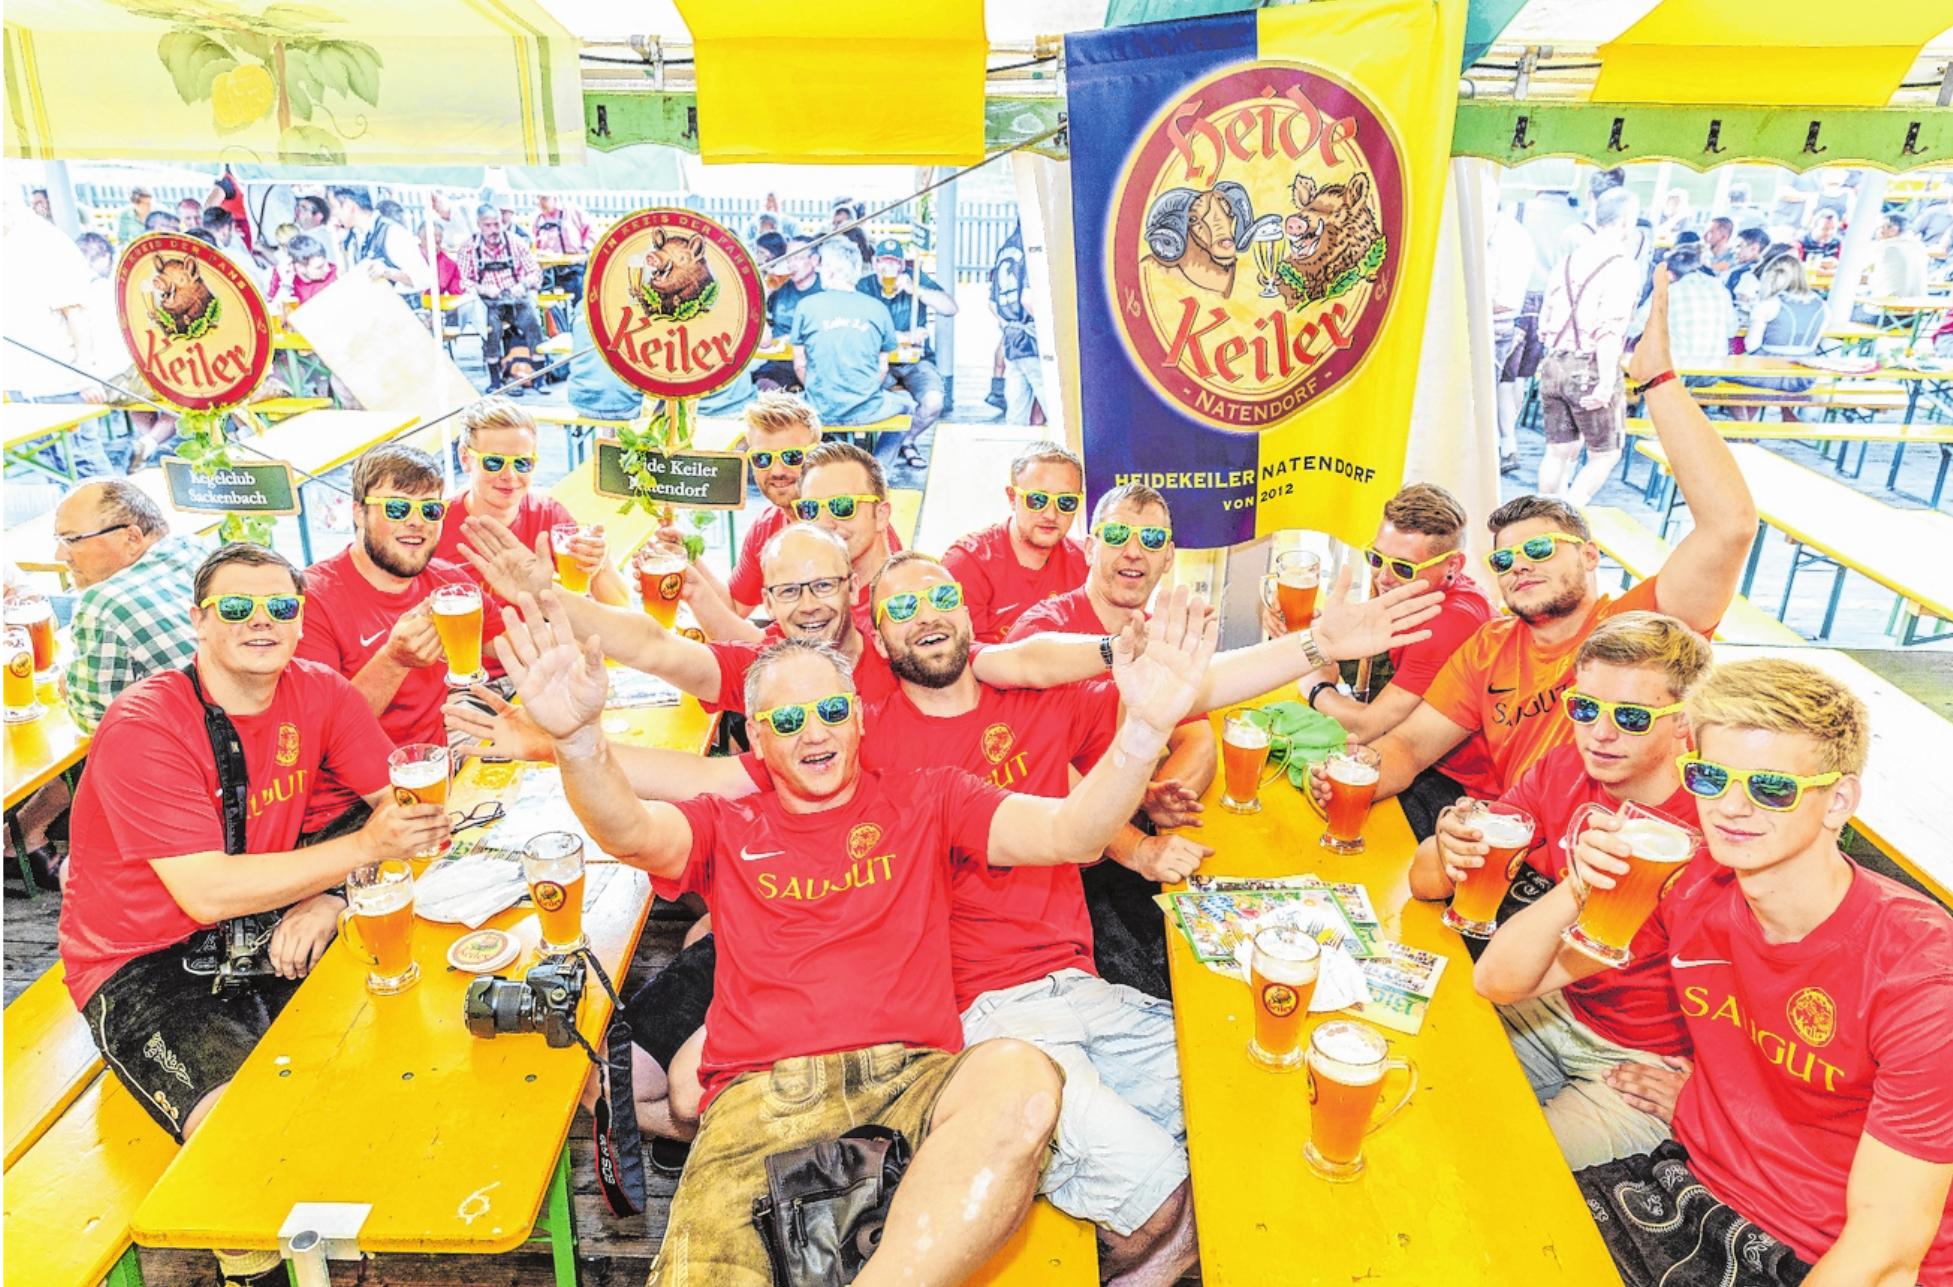 Inzwischen ein nicht mehr wegzudenkender Termin auf der Lohrer Spessartfestwoche: der große Keiler Fanclubumzug am zweiten Samstag. An den Straßen stehen viele Zuschauer, die sich an den kreativen Kostümen und Maskottchen der Klubs erfreuen. Über 1300 Teilnehmer reisen aus nah und fern an, um mit ihrem Lieblingsbier einen sauguten Tag zu verbringen. Diesen Samstag ist endlich wieder Fanclubtag. FOTO: ANDREAS KNEITZ